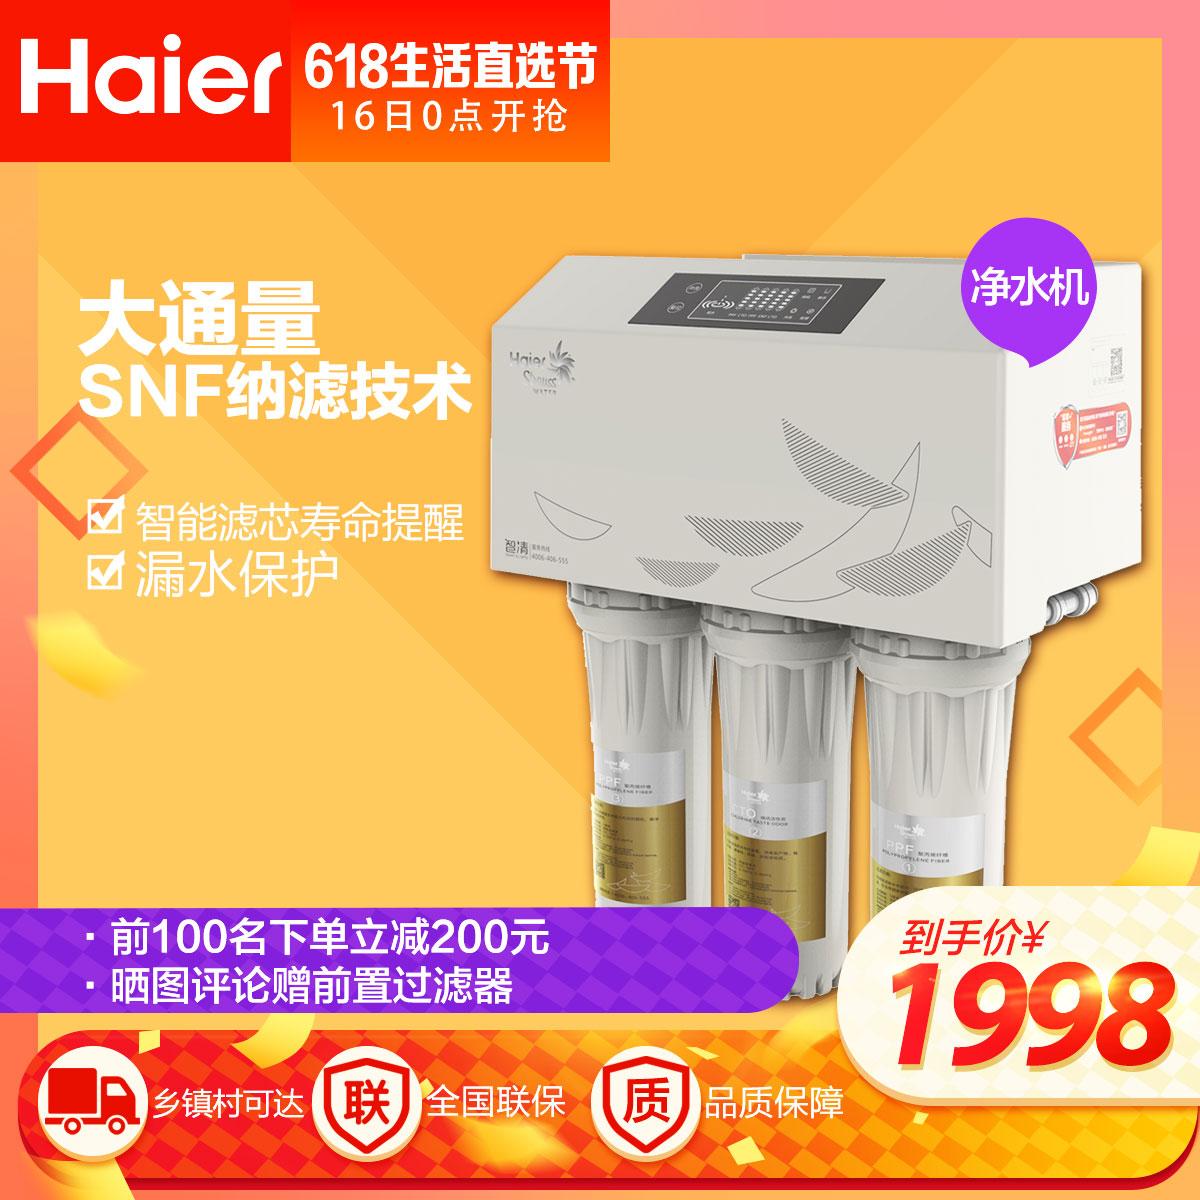 大通量 SNF纳滤技术 智能滤芯寿命提醒 漏水保护 HSNF-1500P0 (A)